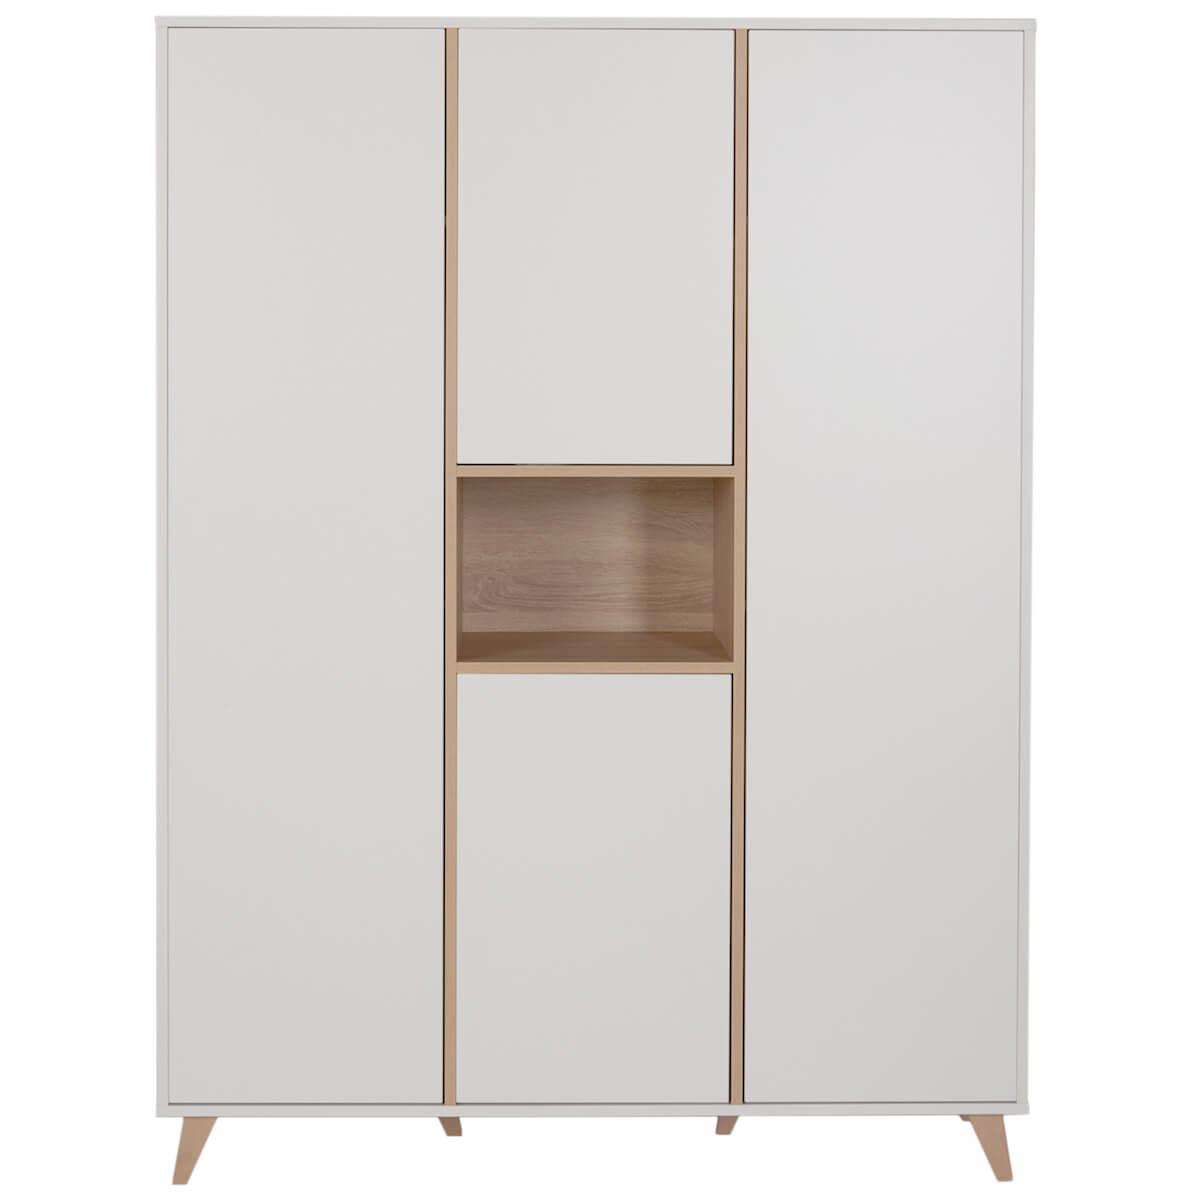 Armoire 143x190cm LOFT Quax blanc